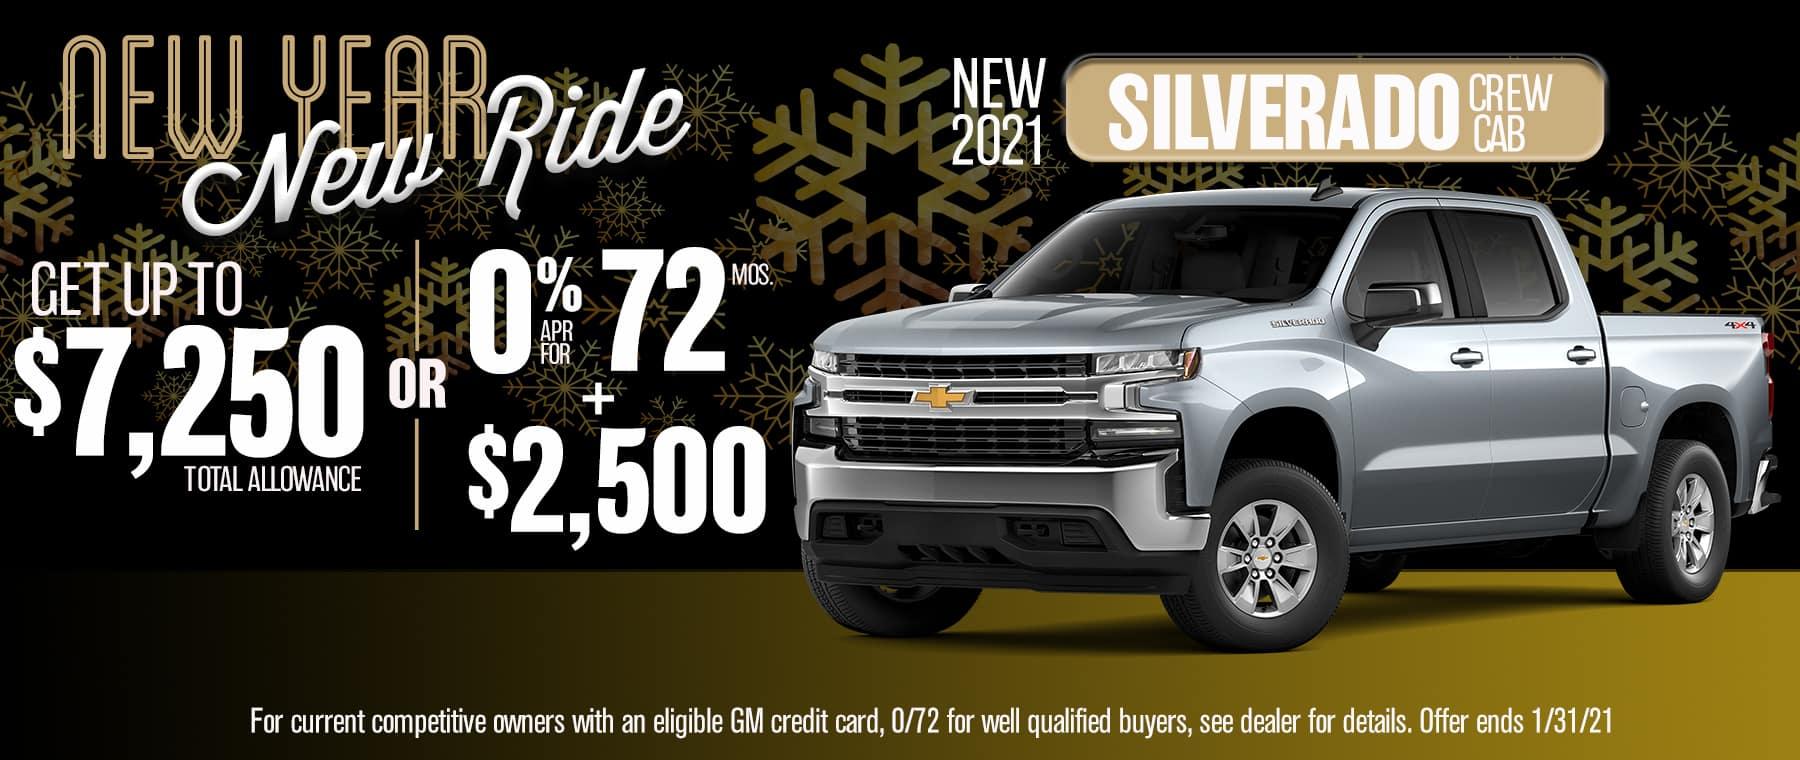 2021 CHEVY SILVERADO CREW CAB